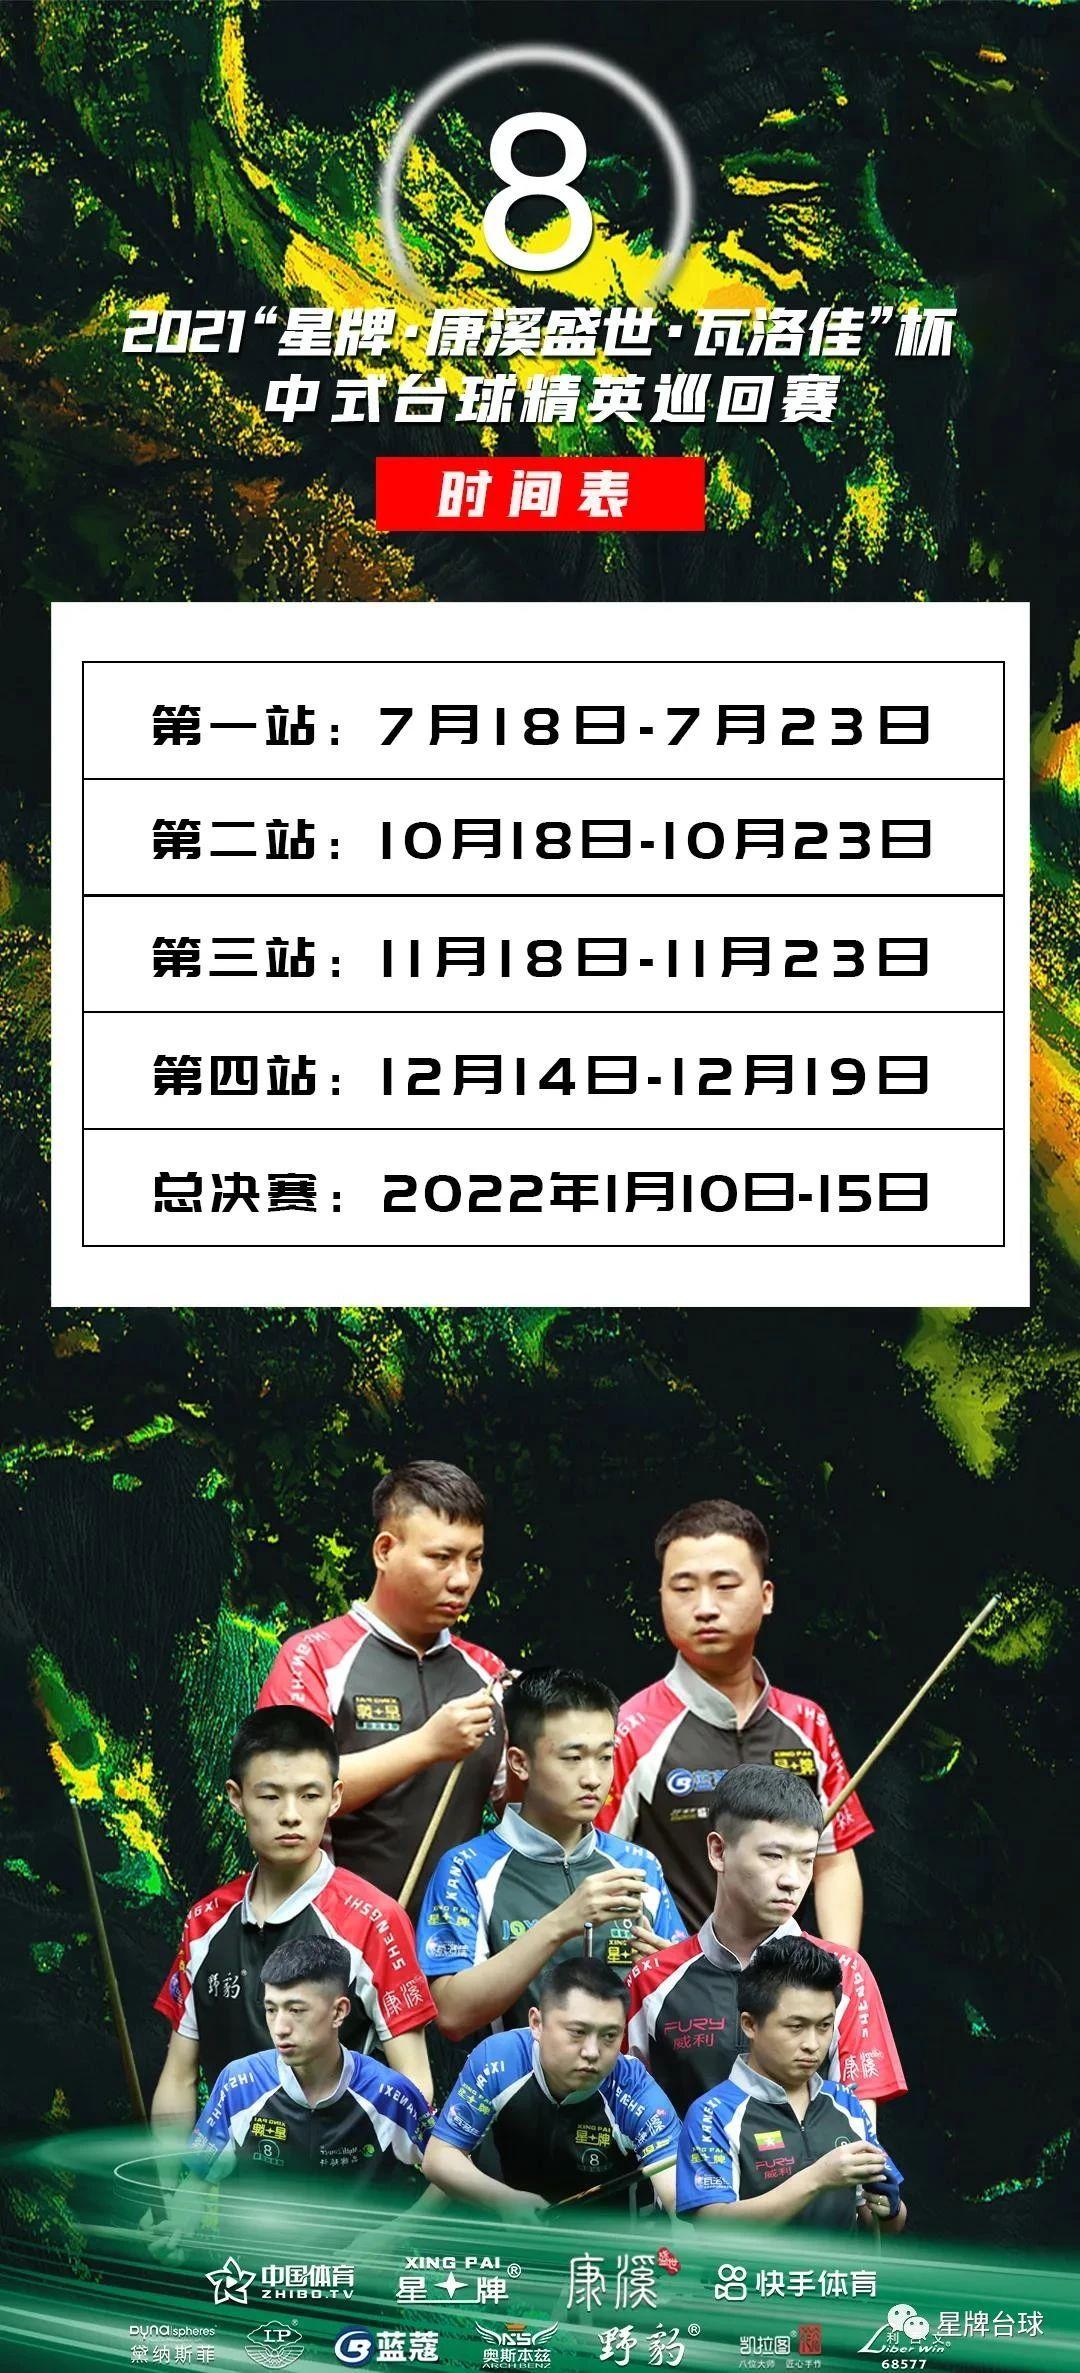 """【重要通知】2021""""星牌·康溪盛世·瓦洛佳""""杯中式台球精英巡回赛(第二站)延期举行"""